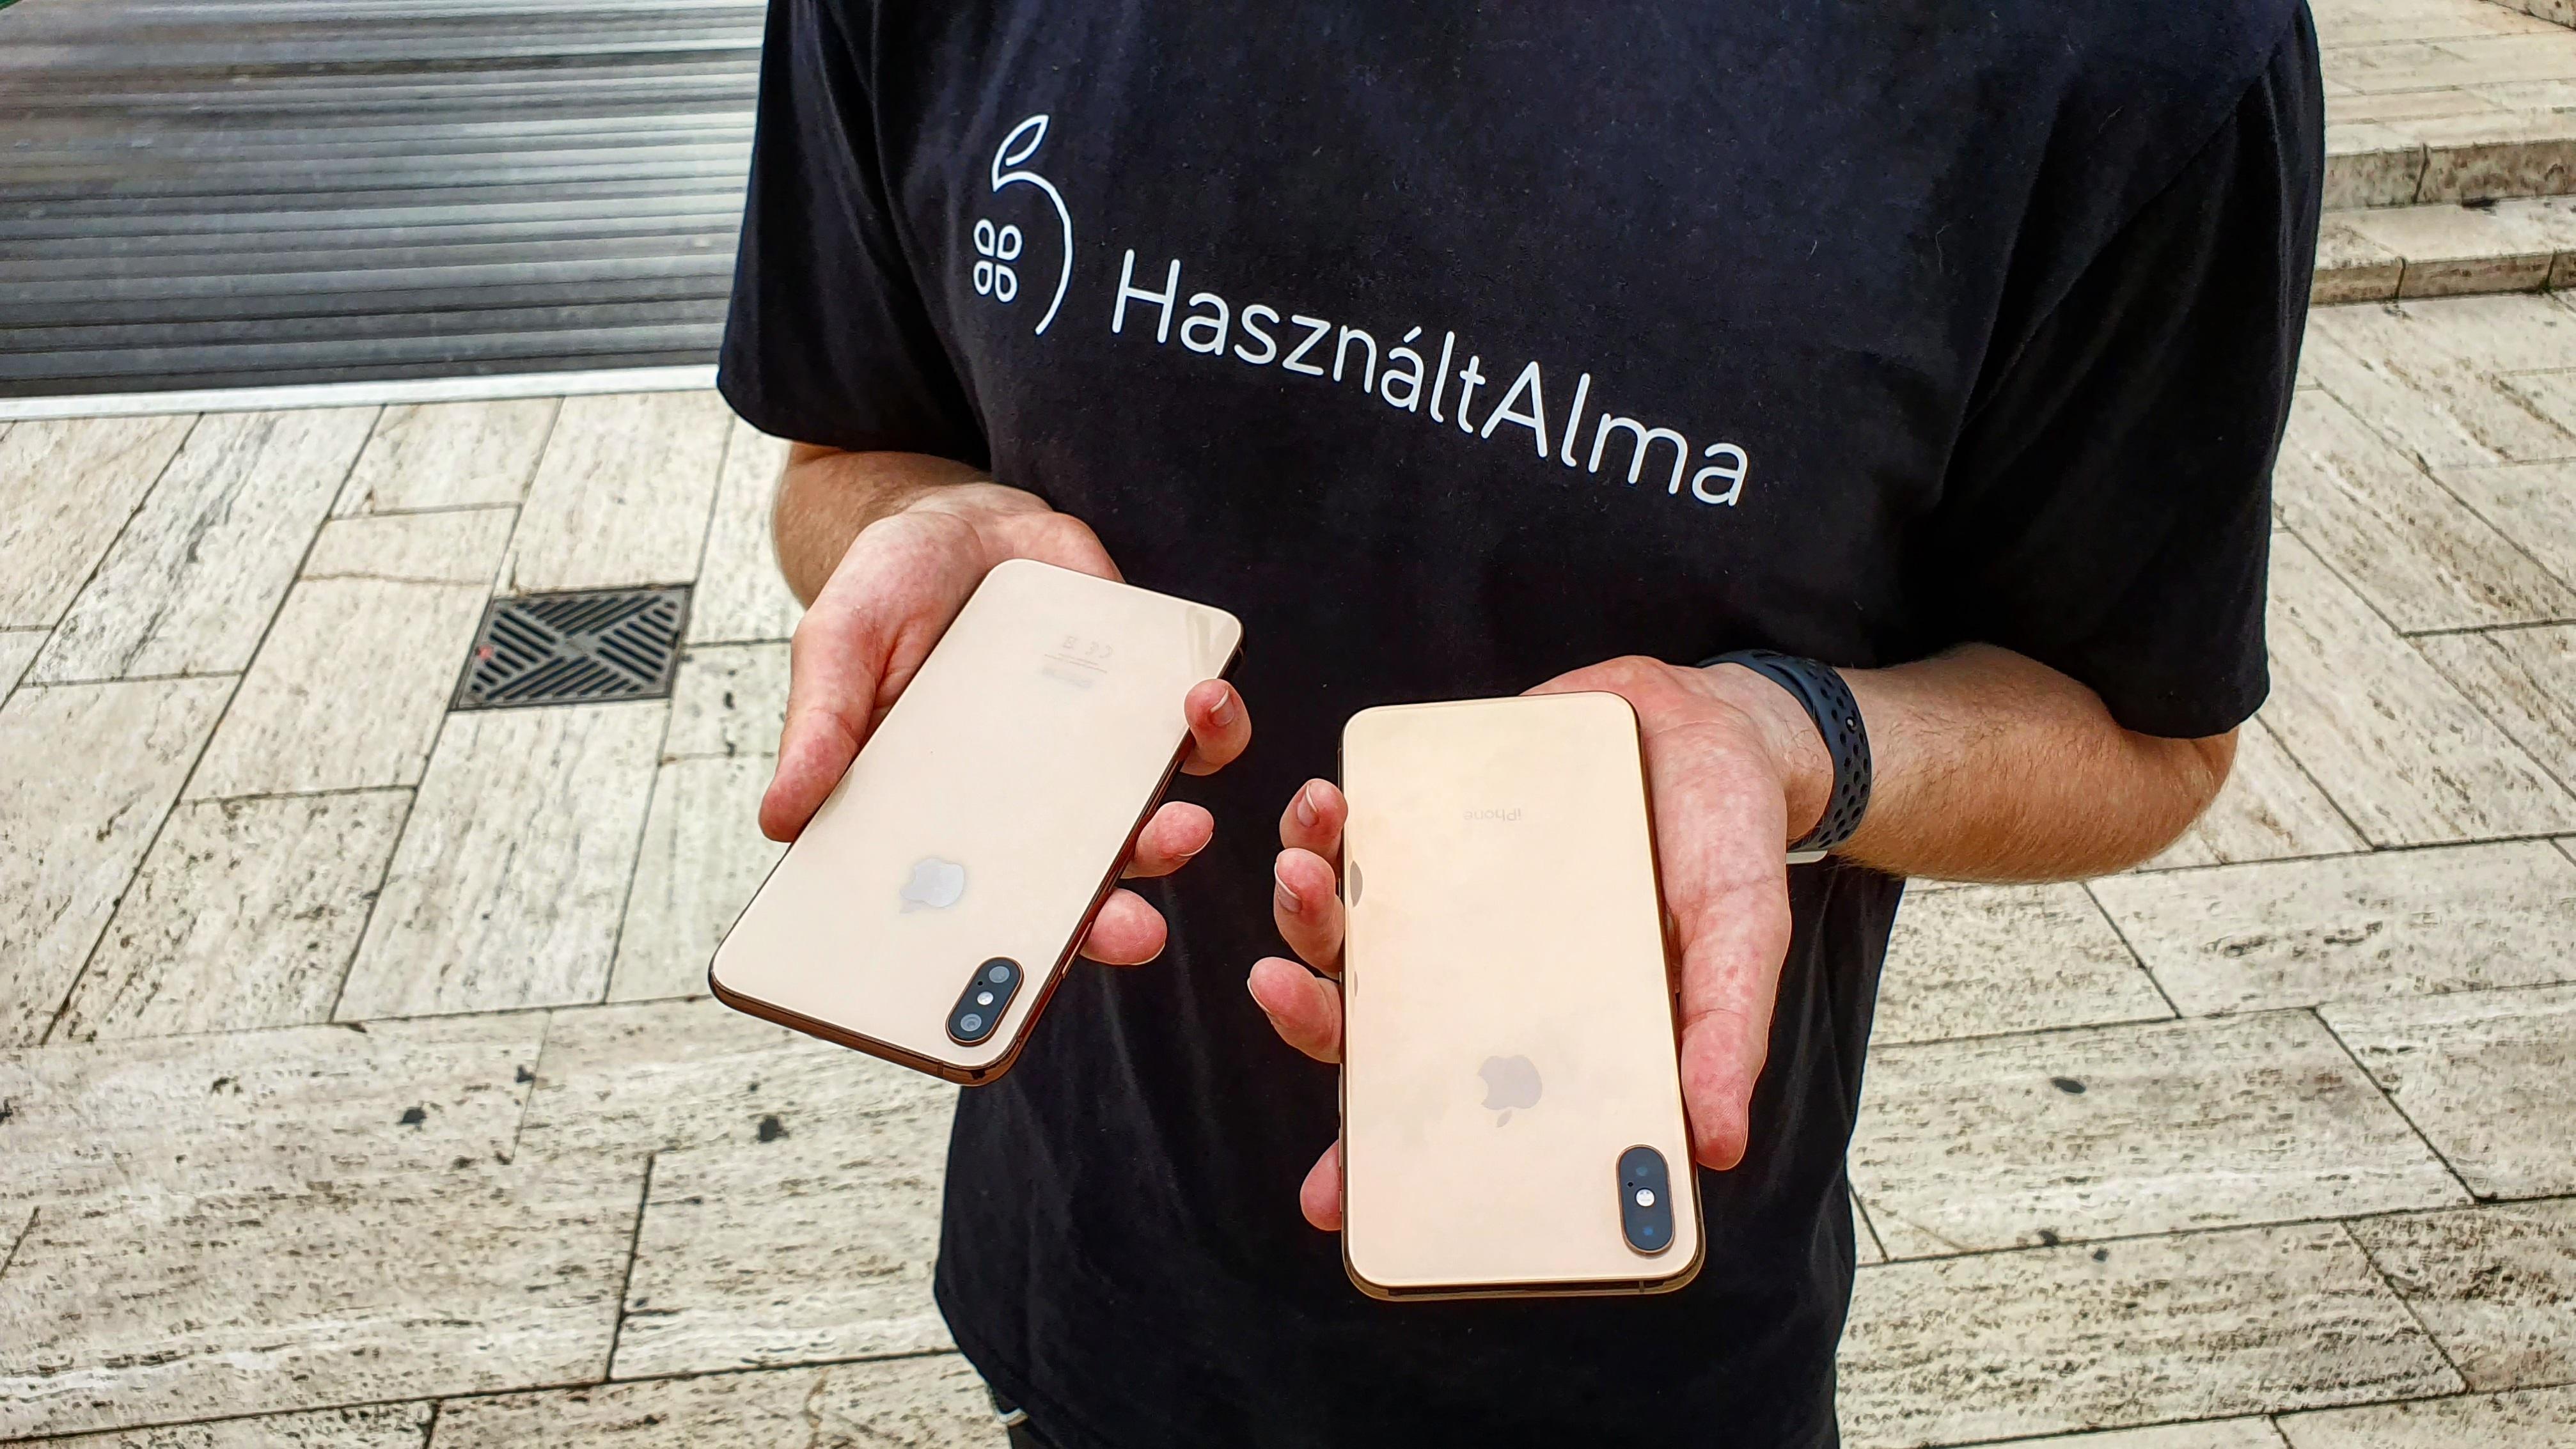 """""""Vajon melyik az igazi iPhone?"""" – Megkérdeztük a járókelőktől [Videó]"""